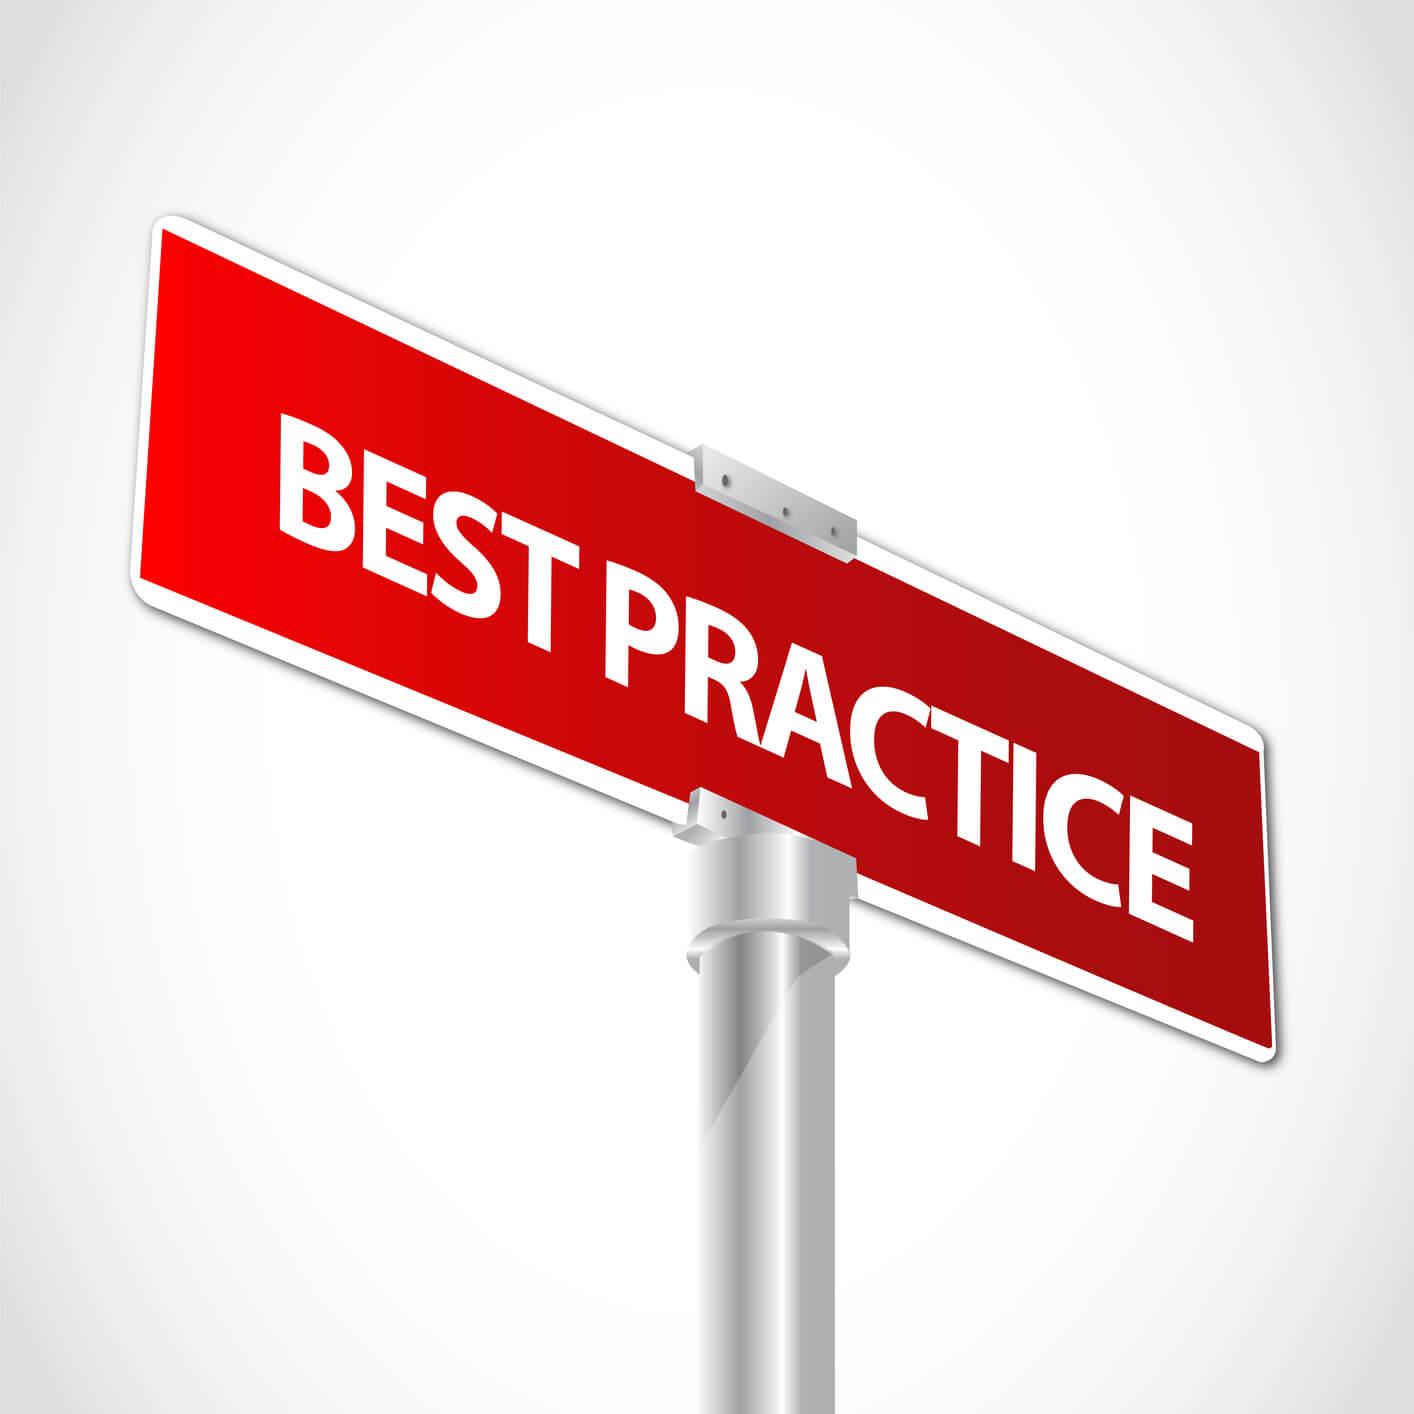 Best Practices - EMR Implementation and Medical Billing